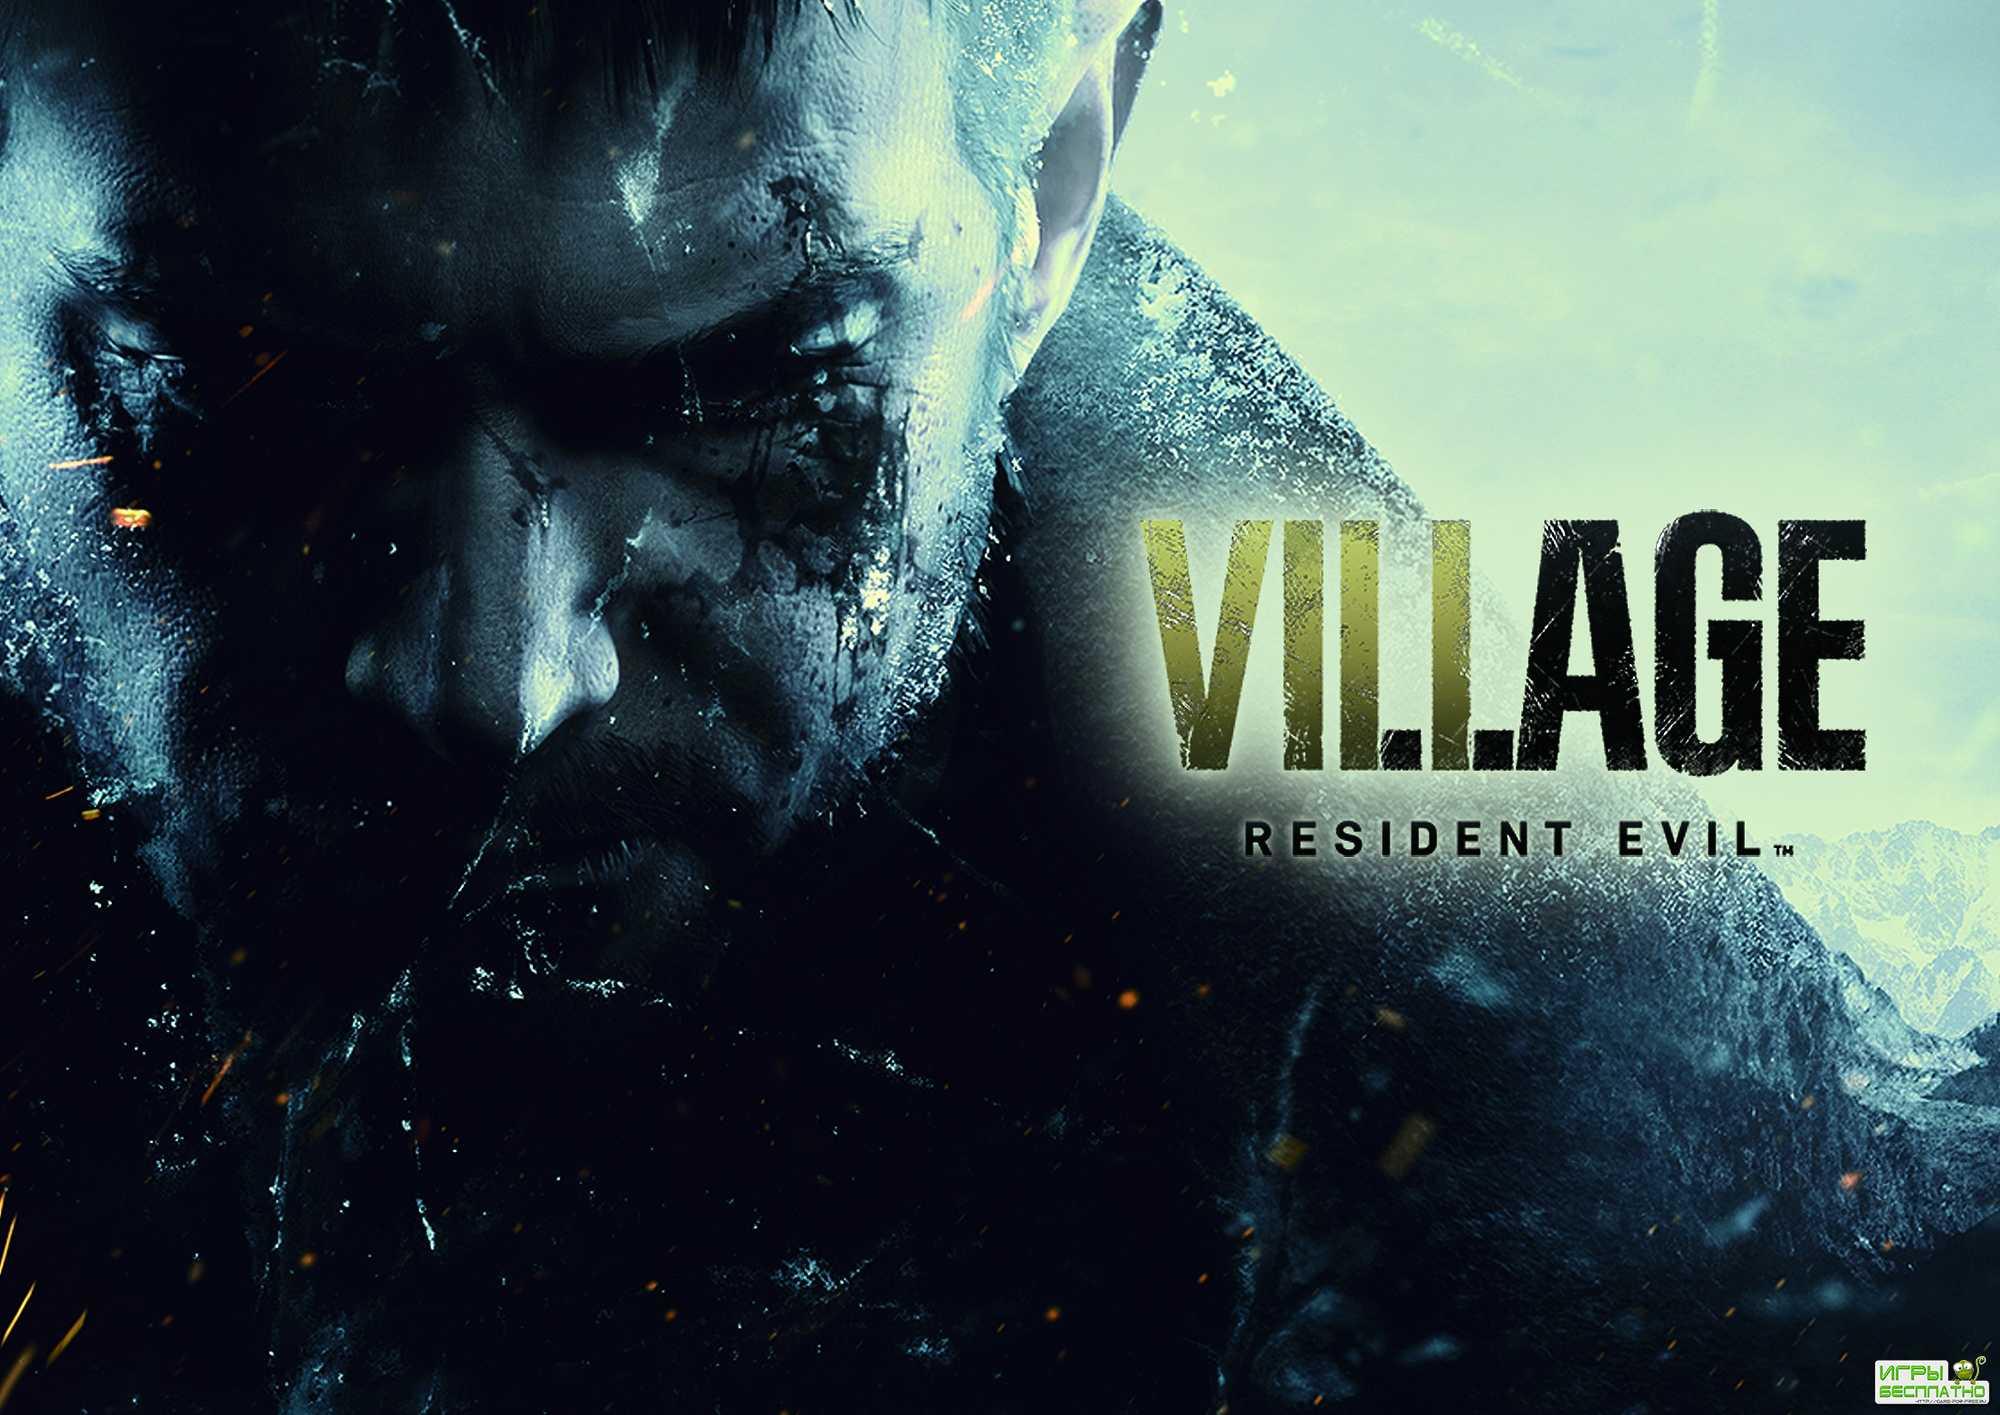 Resident Evil Village будет пугающим и напряженным хоррором